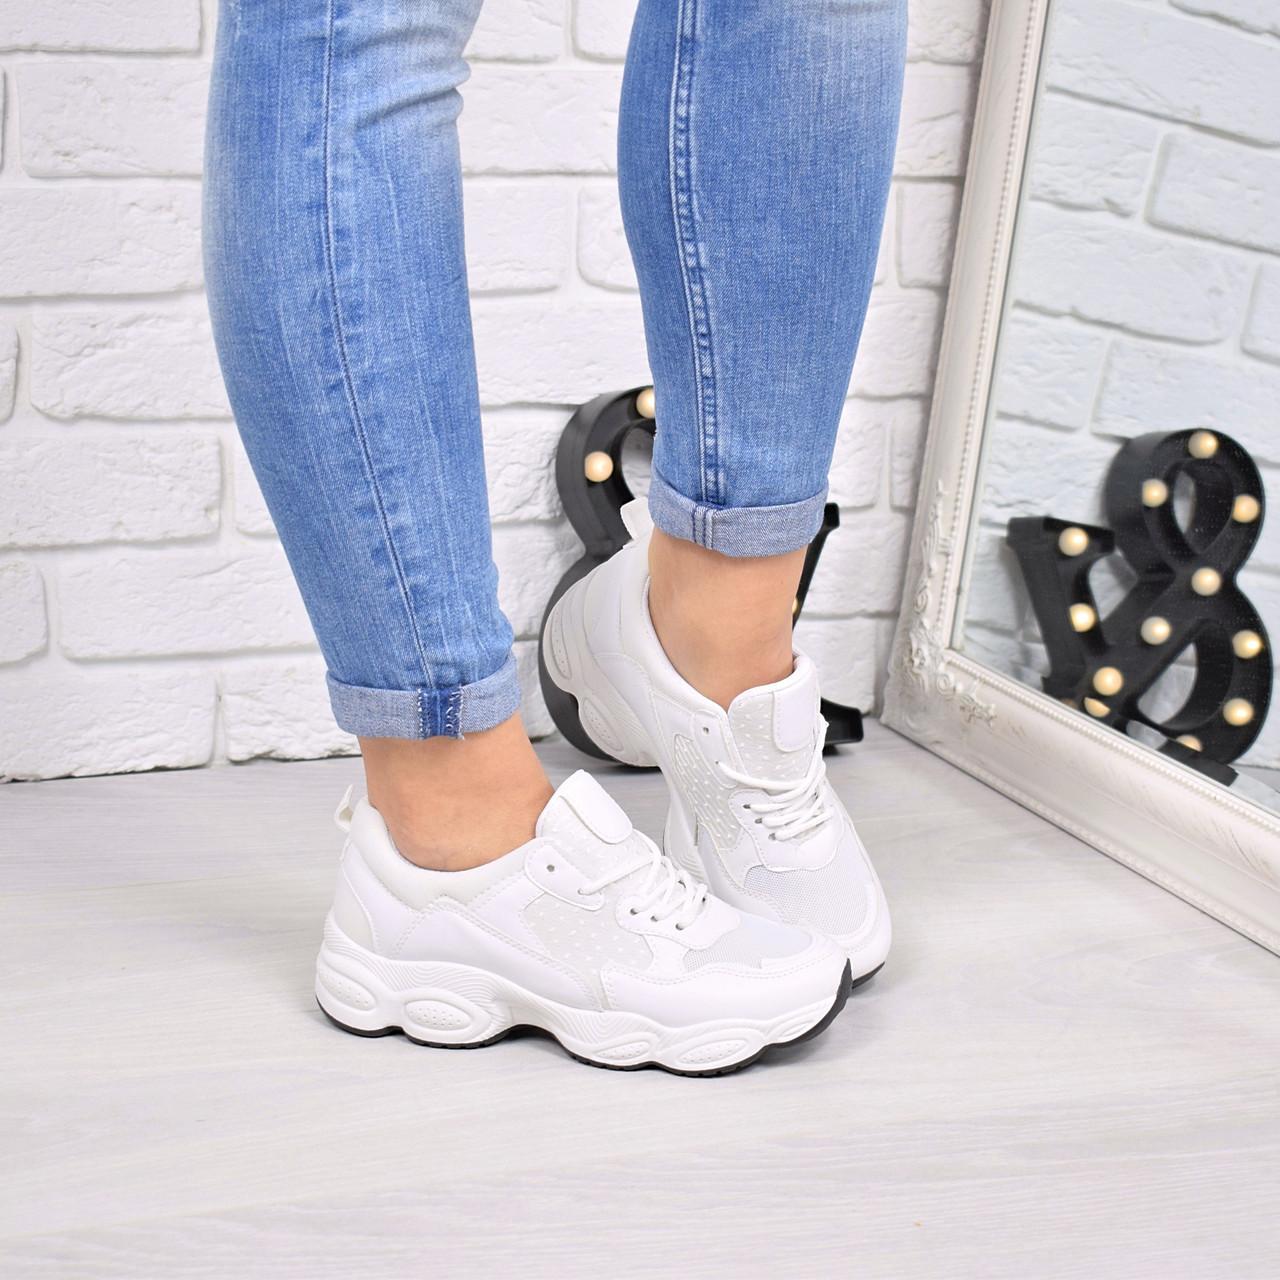 кроссовки женские под Balenciaga белые 4224 спортивная обувь